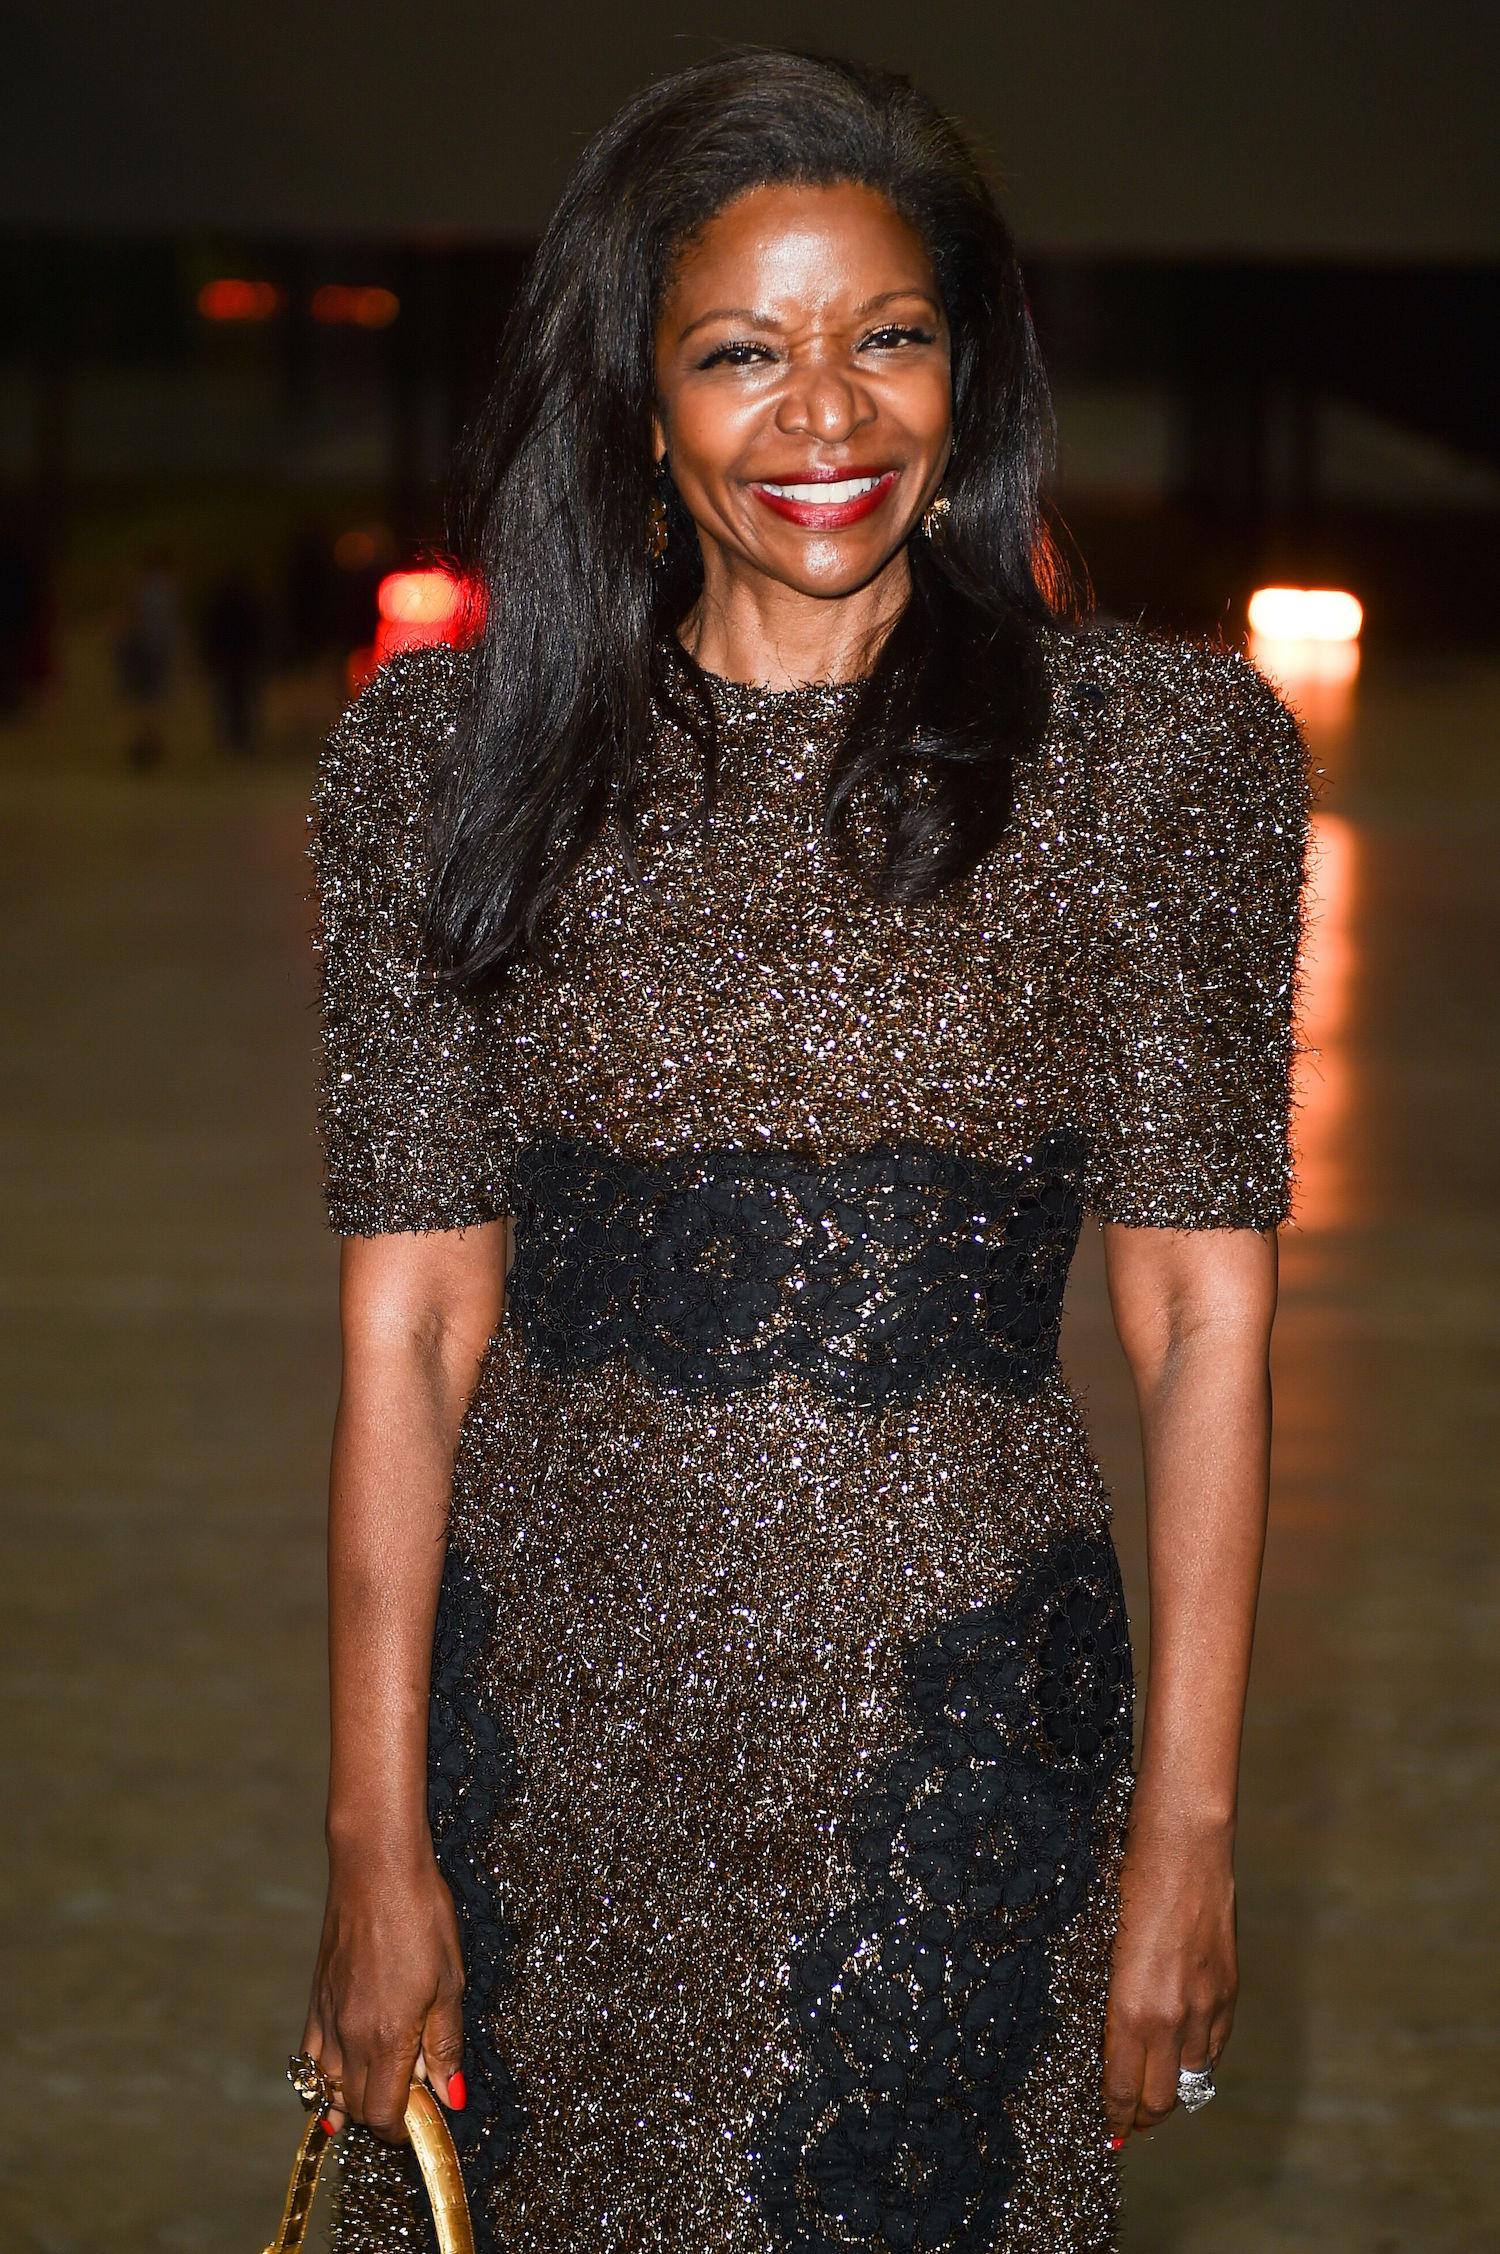 Pamela Joyner, Kehinde Wiley, and Jeanne Greenberg Rohatyn Make Vanity Fair's 2019 Best-Dressed List